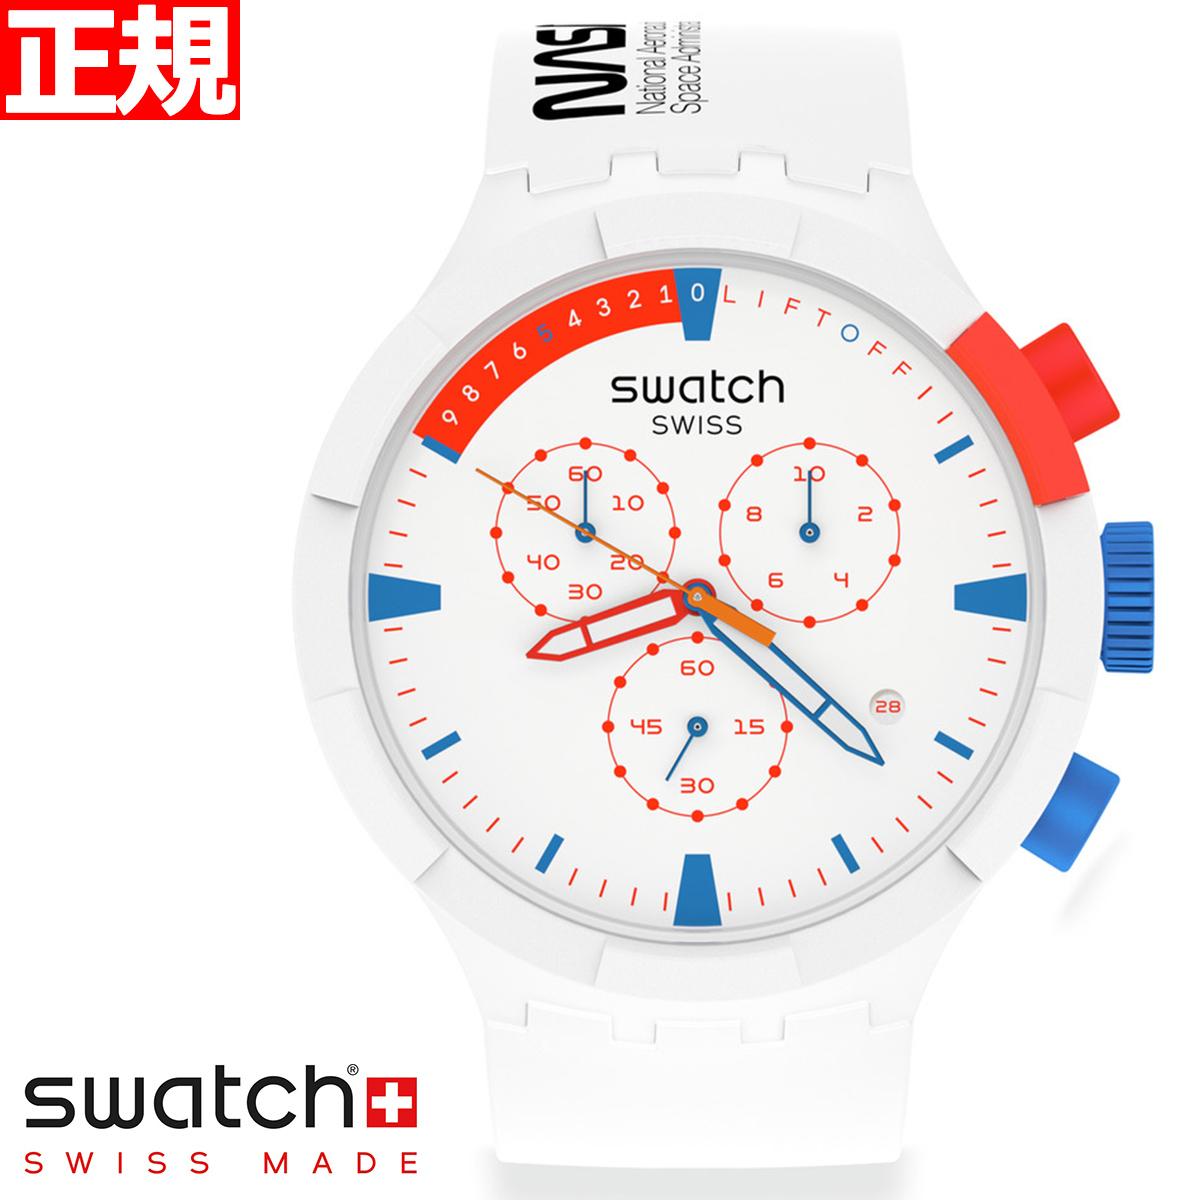 swatch スウォッチ 腕時計 メンズ レディース スペースコレクション ビックボールド クロノ エクストゥラヴィヒキュラ SPACE COLLECTION Chrono Extravehicular SB04Z400